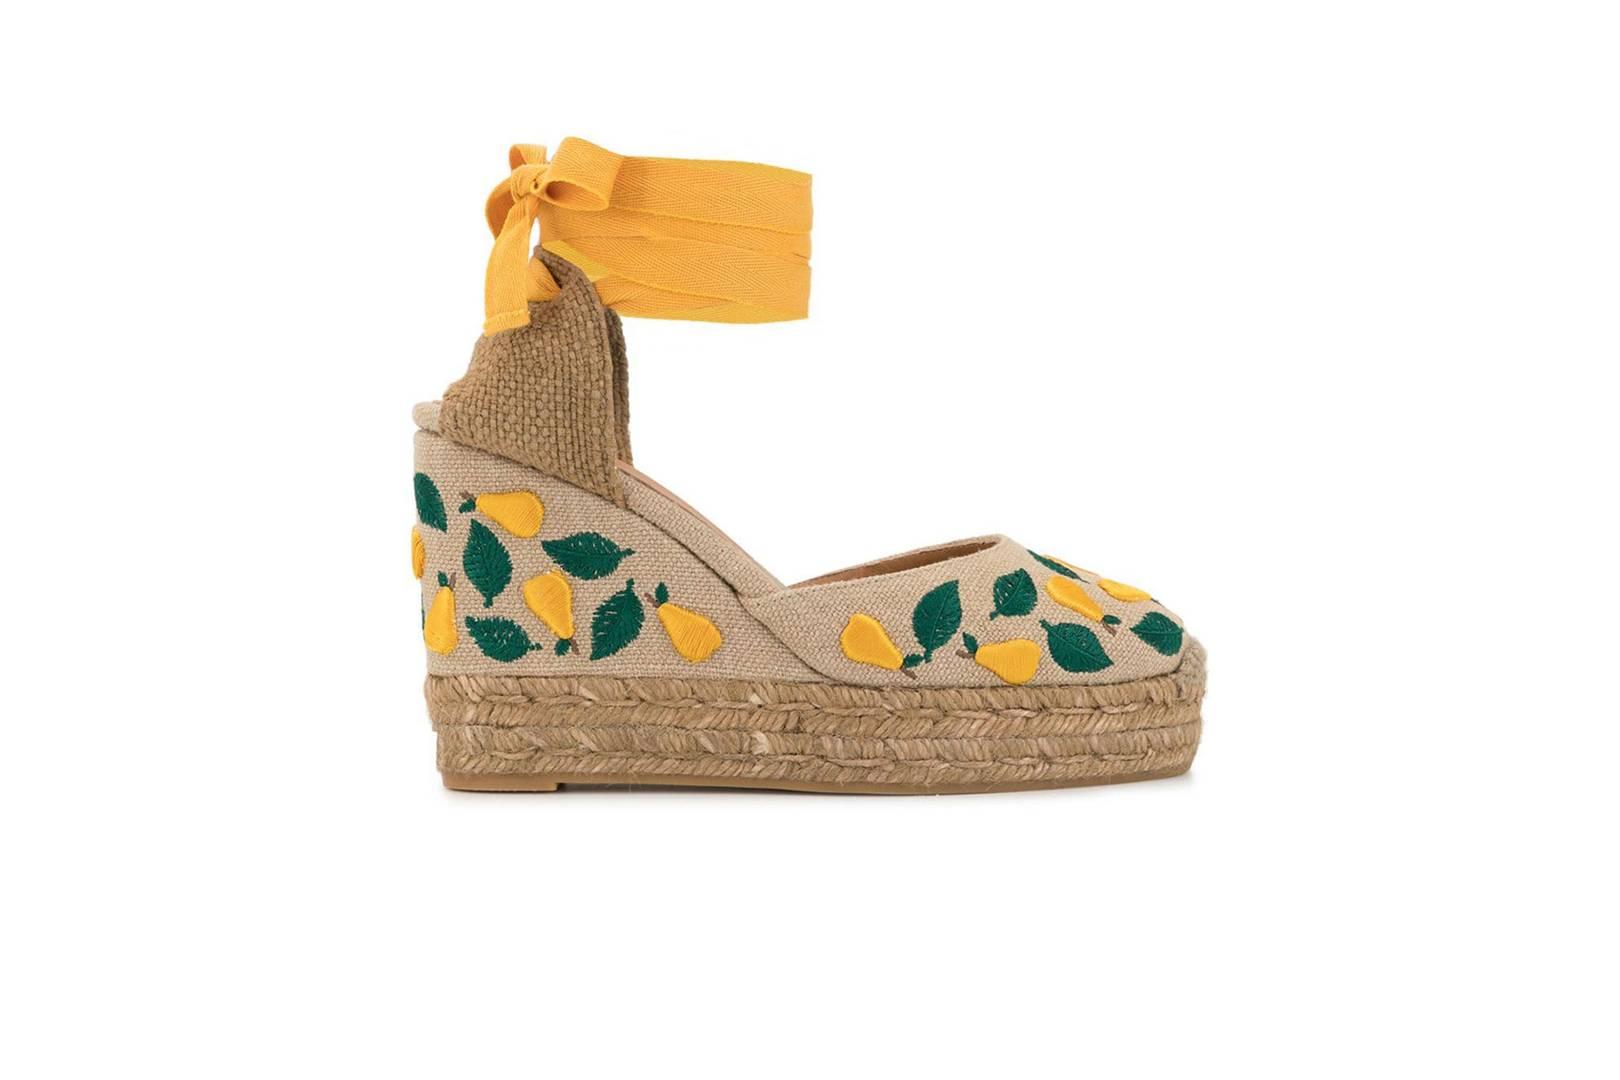 474074aa5c8 Best Espadrille Summer Sandals To Buy Now | British Vogue